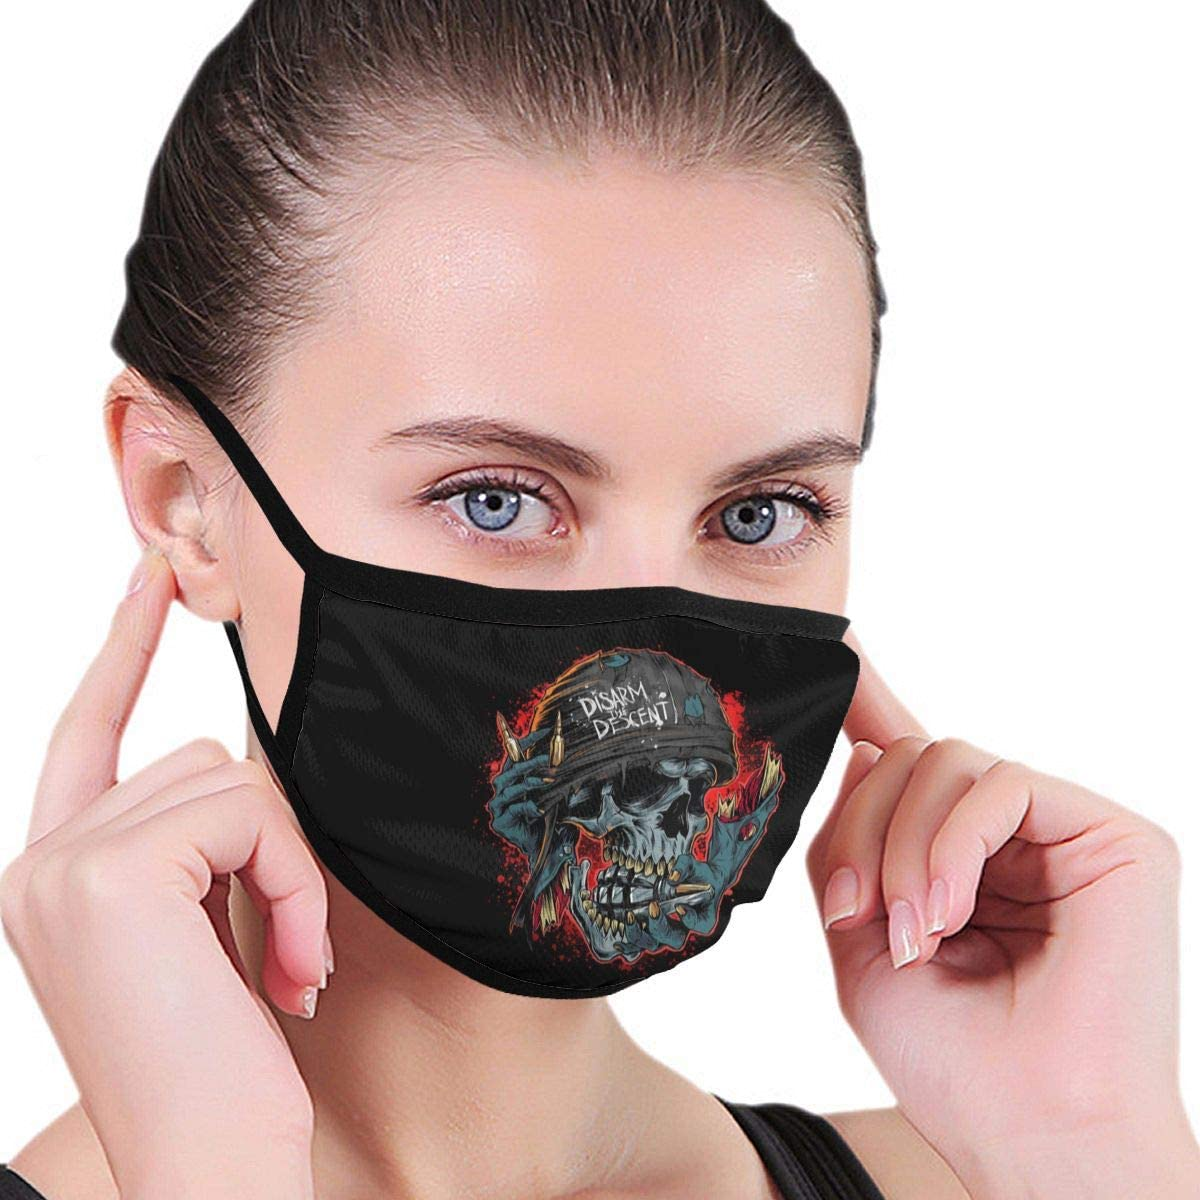 Killswitch Engage Unisex Fashion Face Bandanas Head Band Wears Scarf Face Tube Neck Scarf